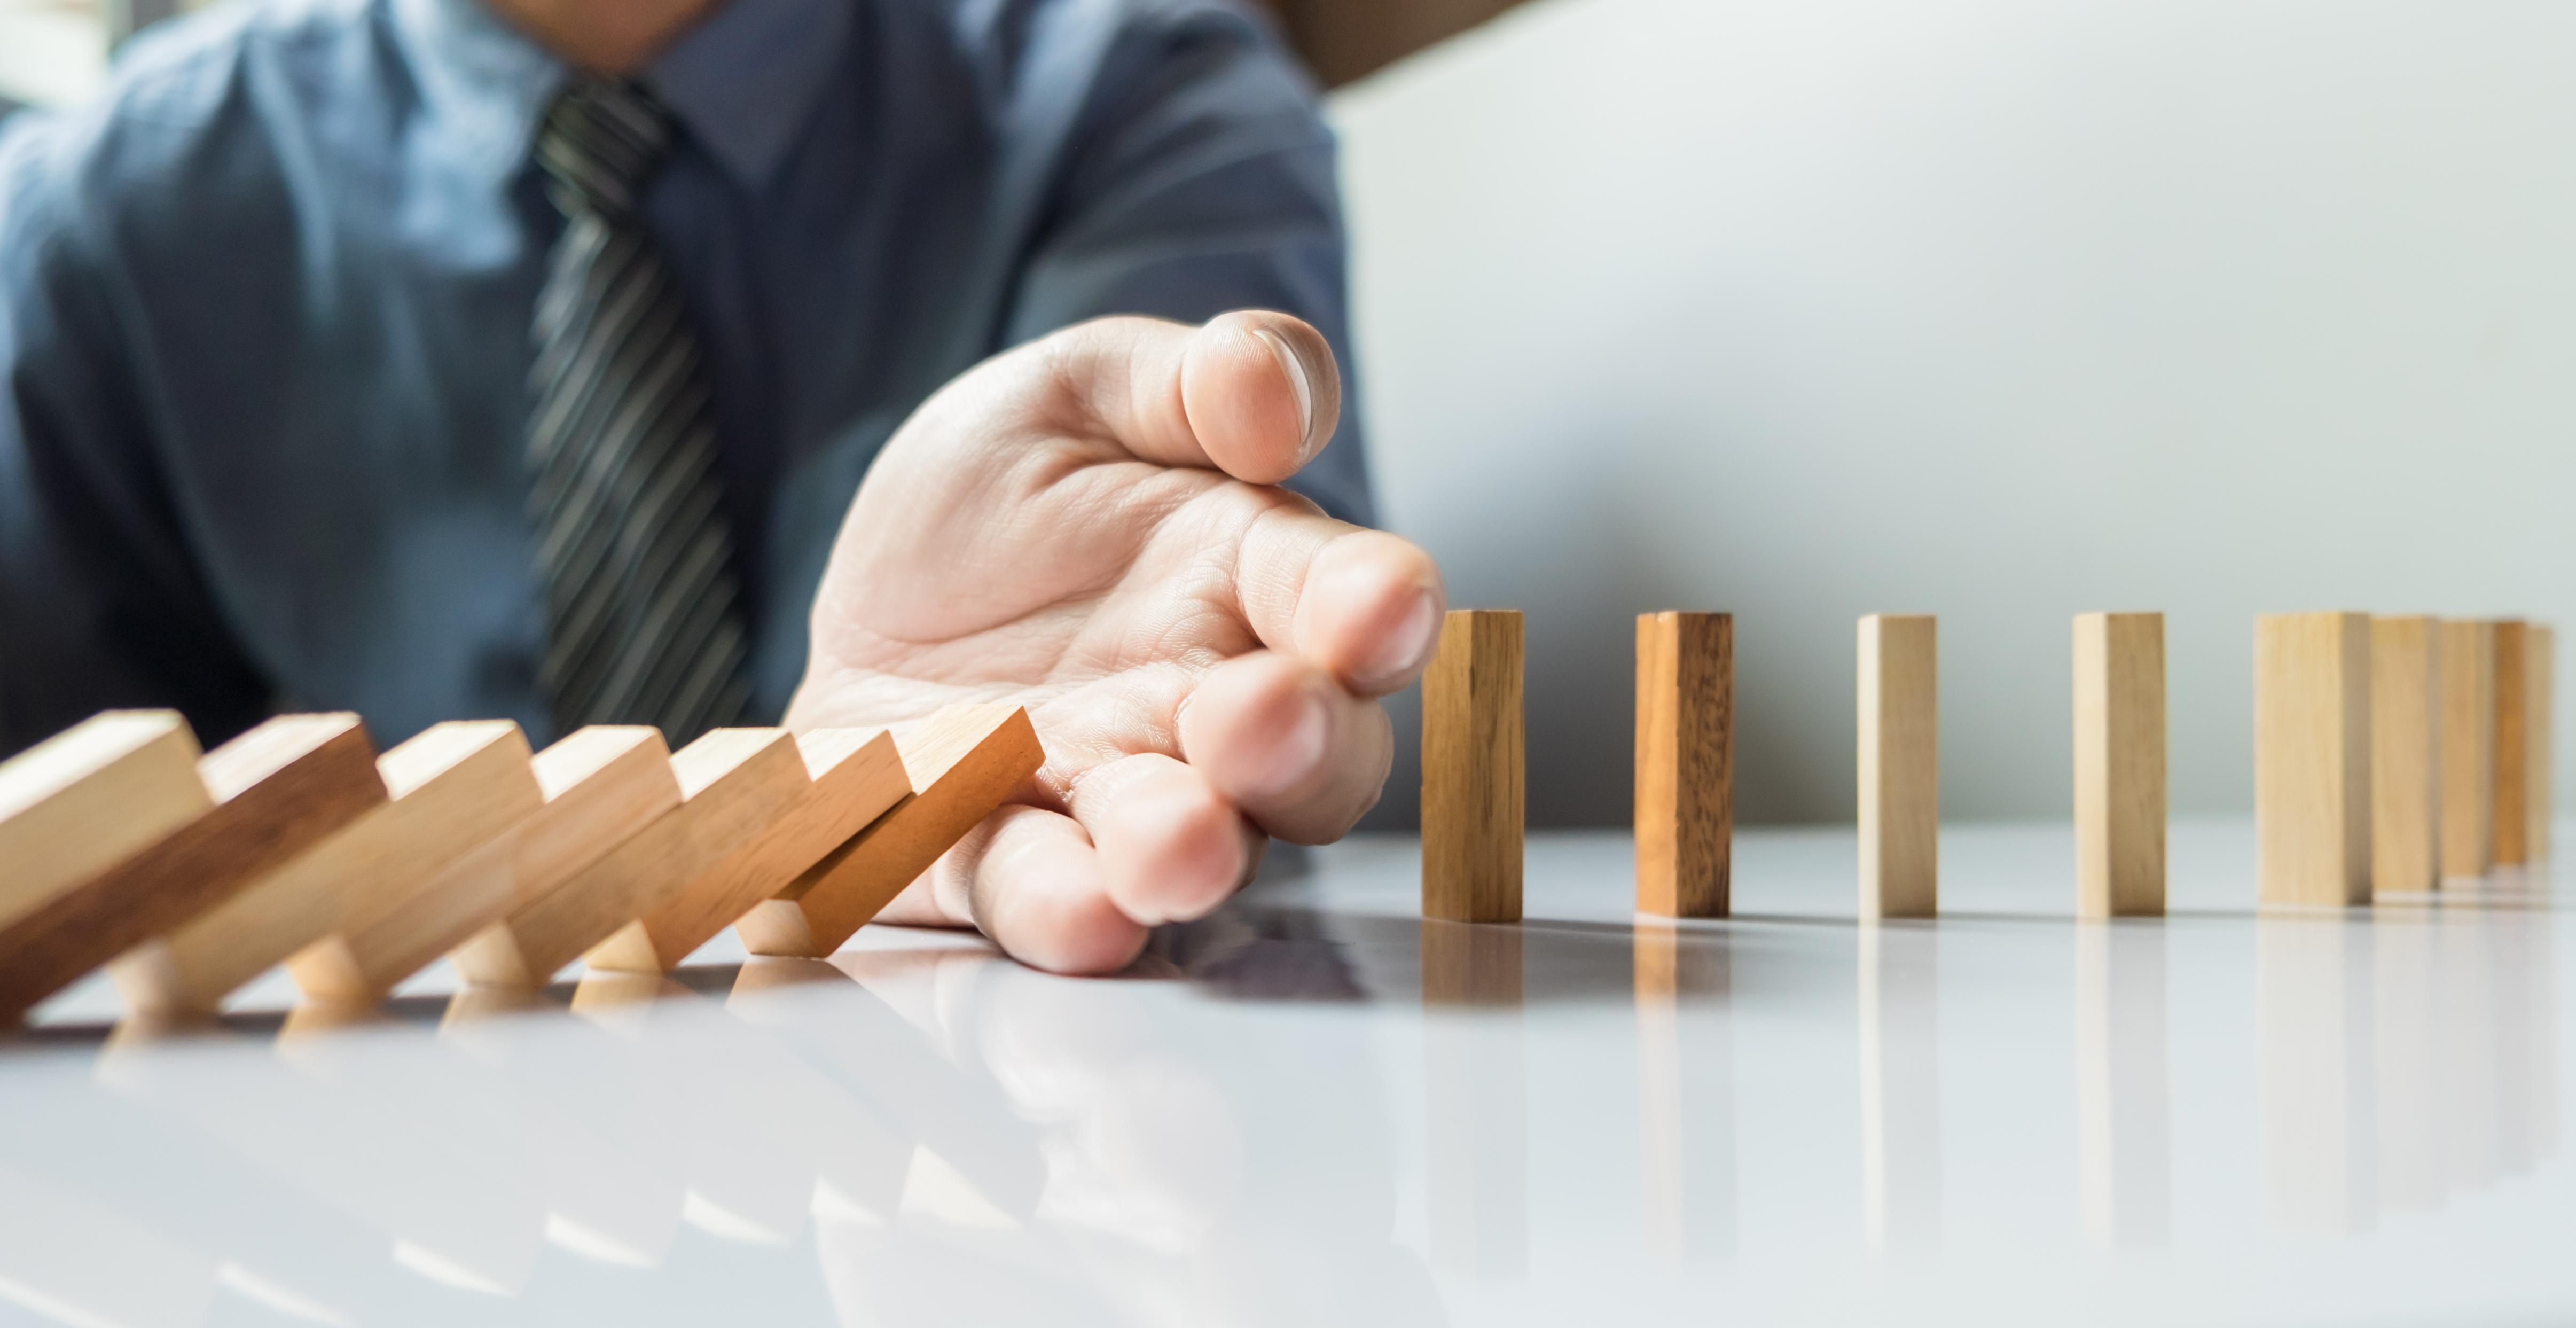 Как кредитору найти и выбрать антикризисного управляющего?